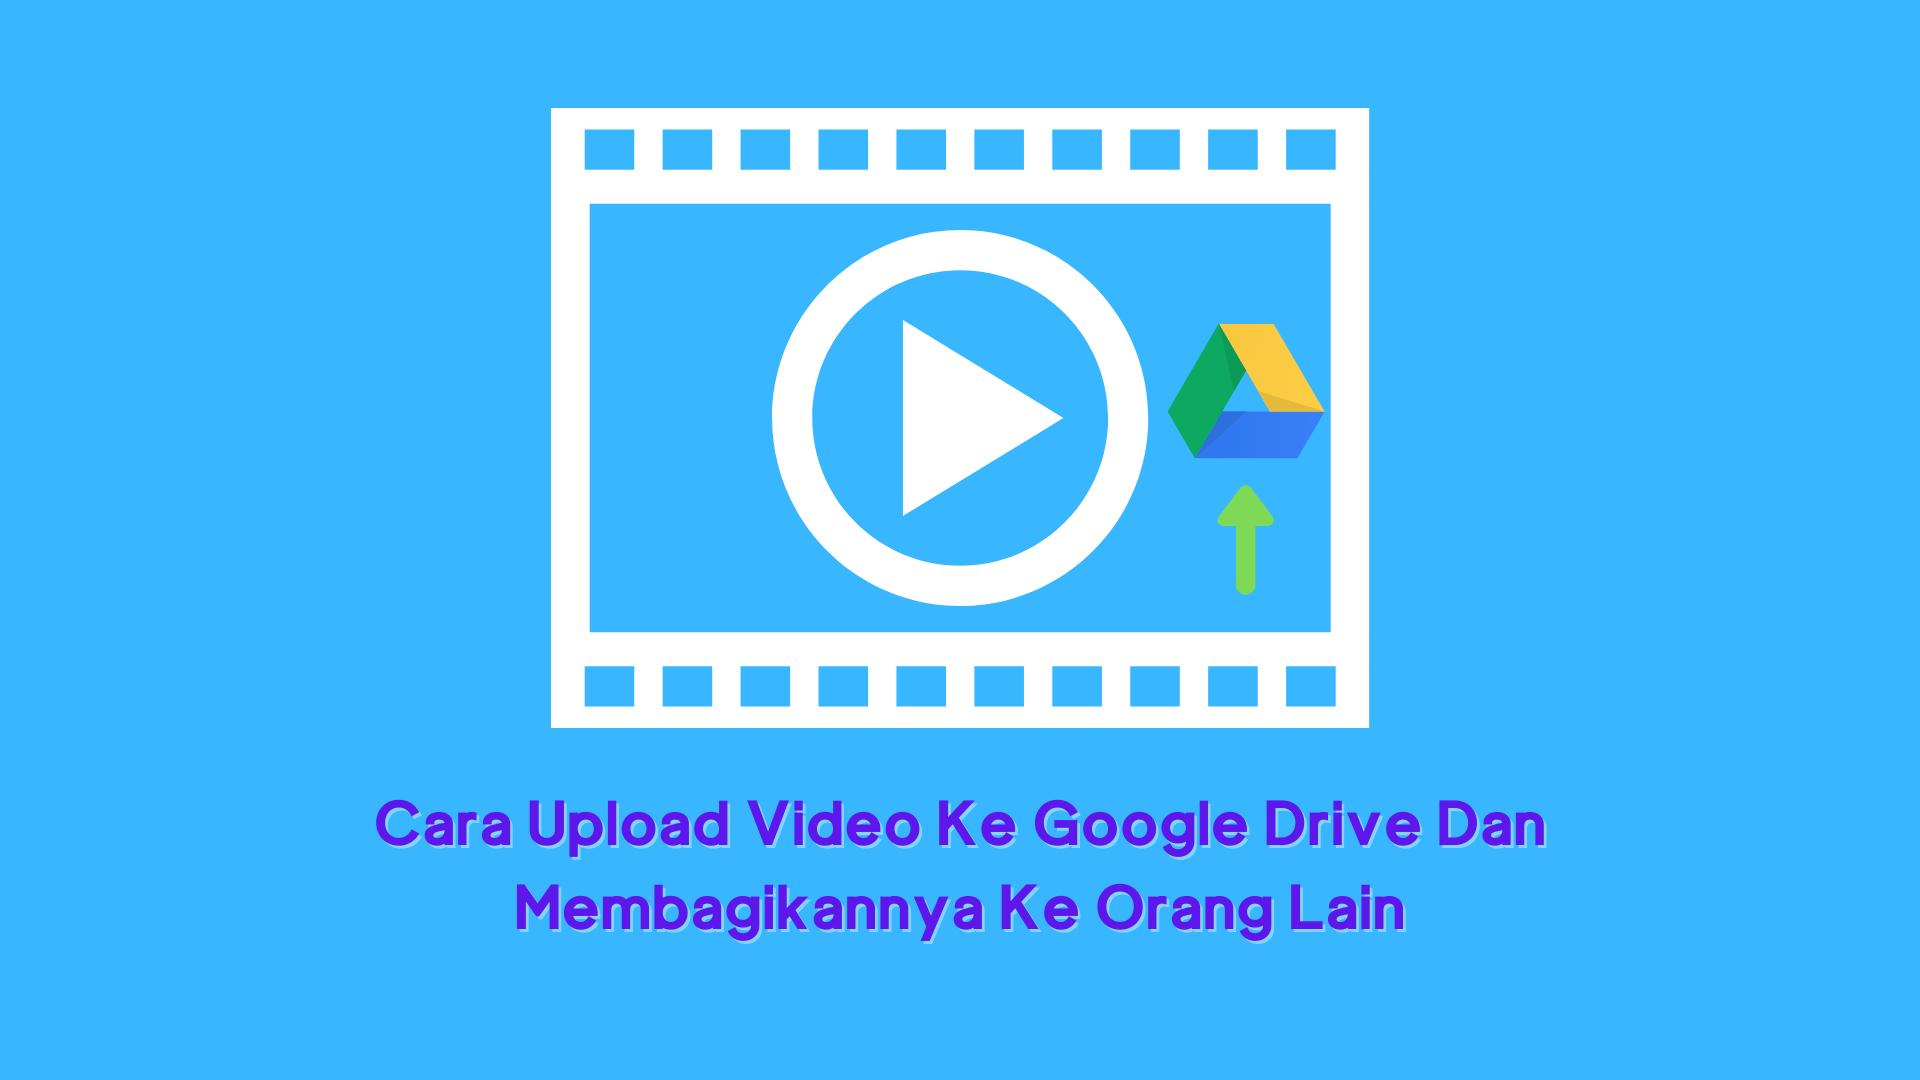 Cara Upload Video Ke Google Drive Dan Membagikannya Ke Orang Lain